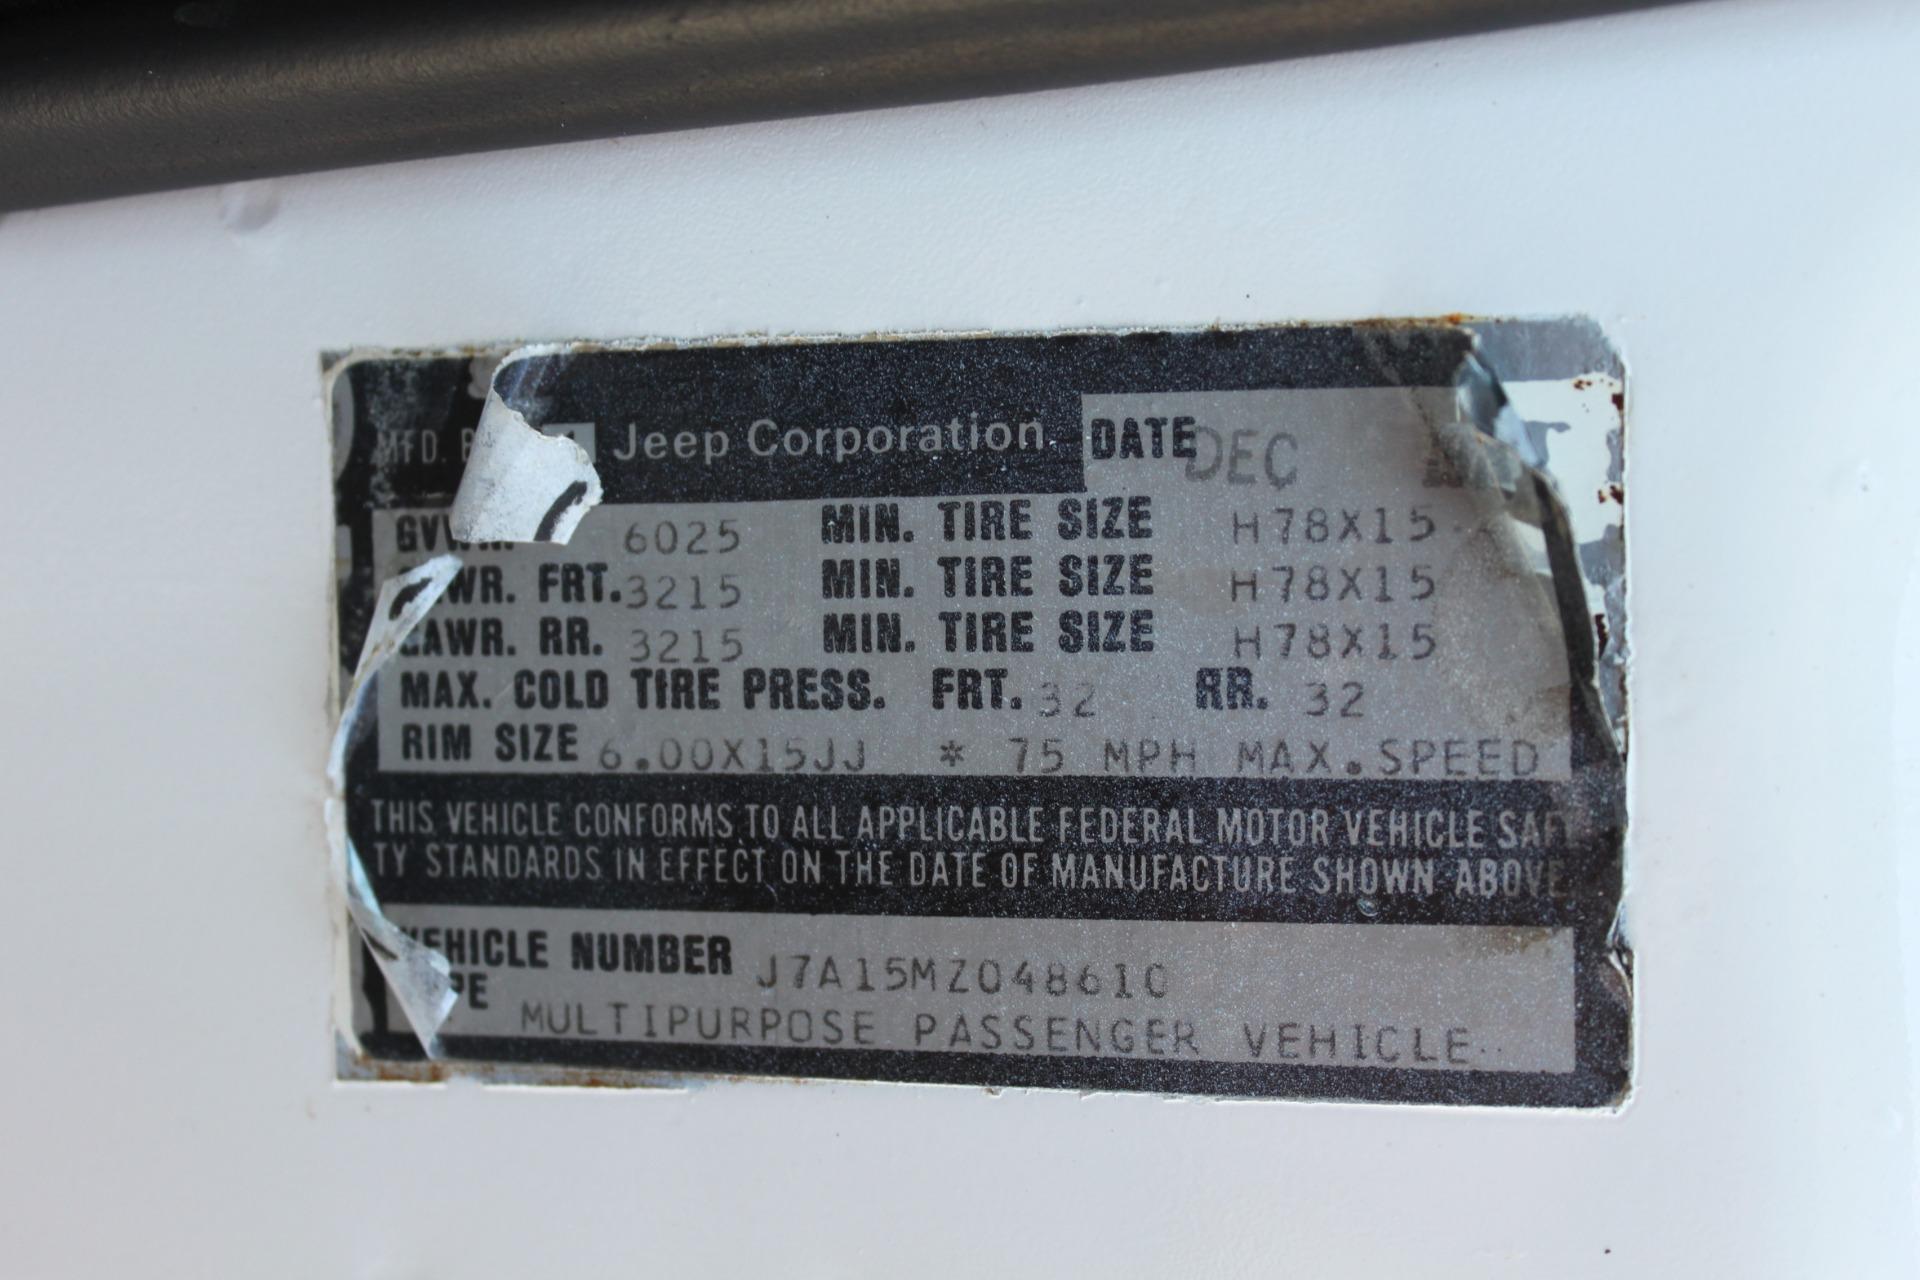 Used-1977-Jeep-Wagoneer-Custom-Fuel-Injected-66-Liter-401-Lamborghini